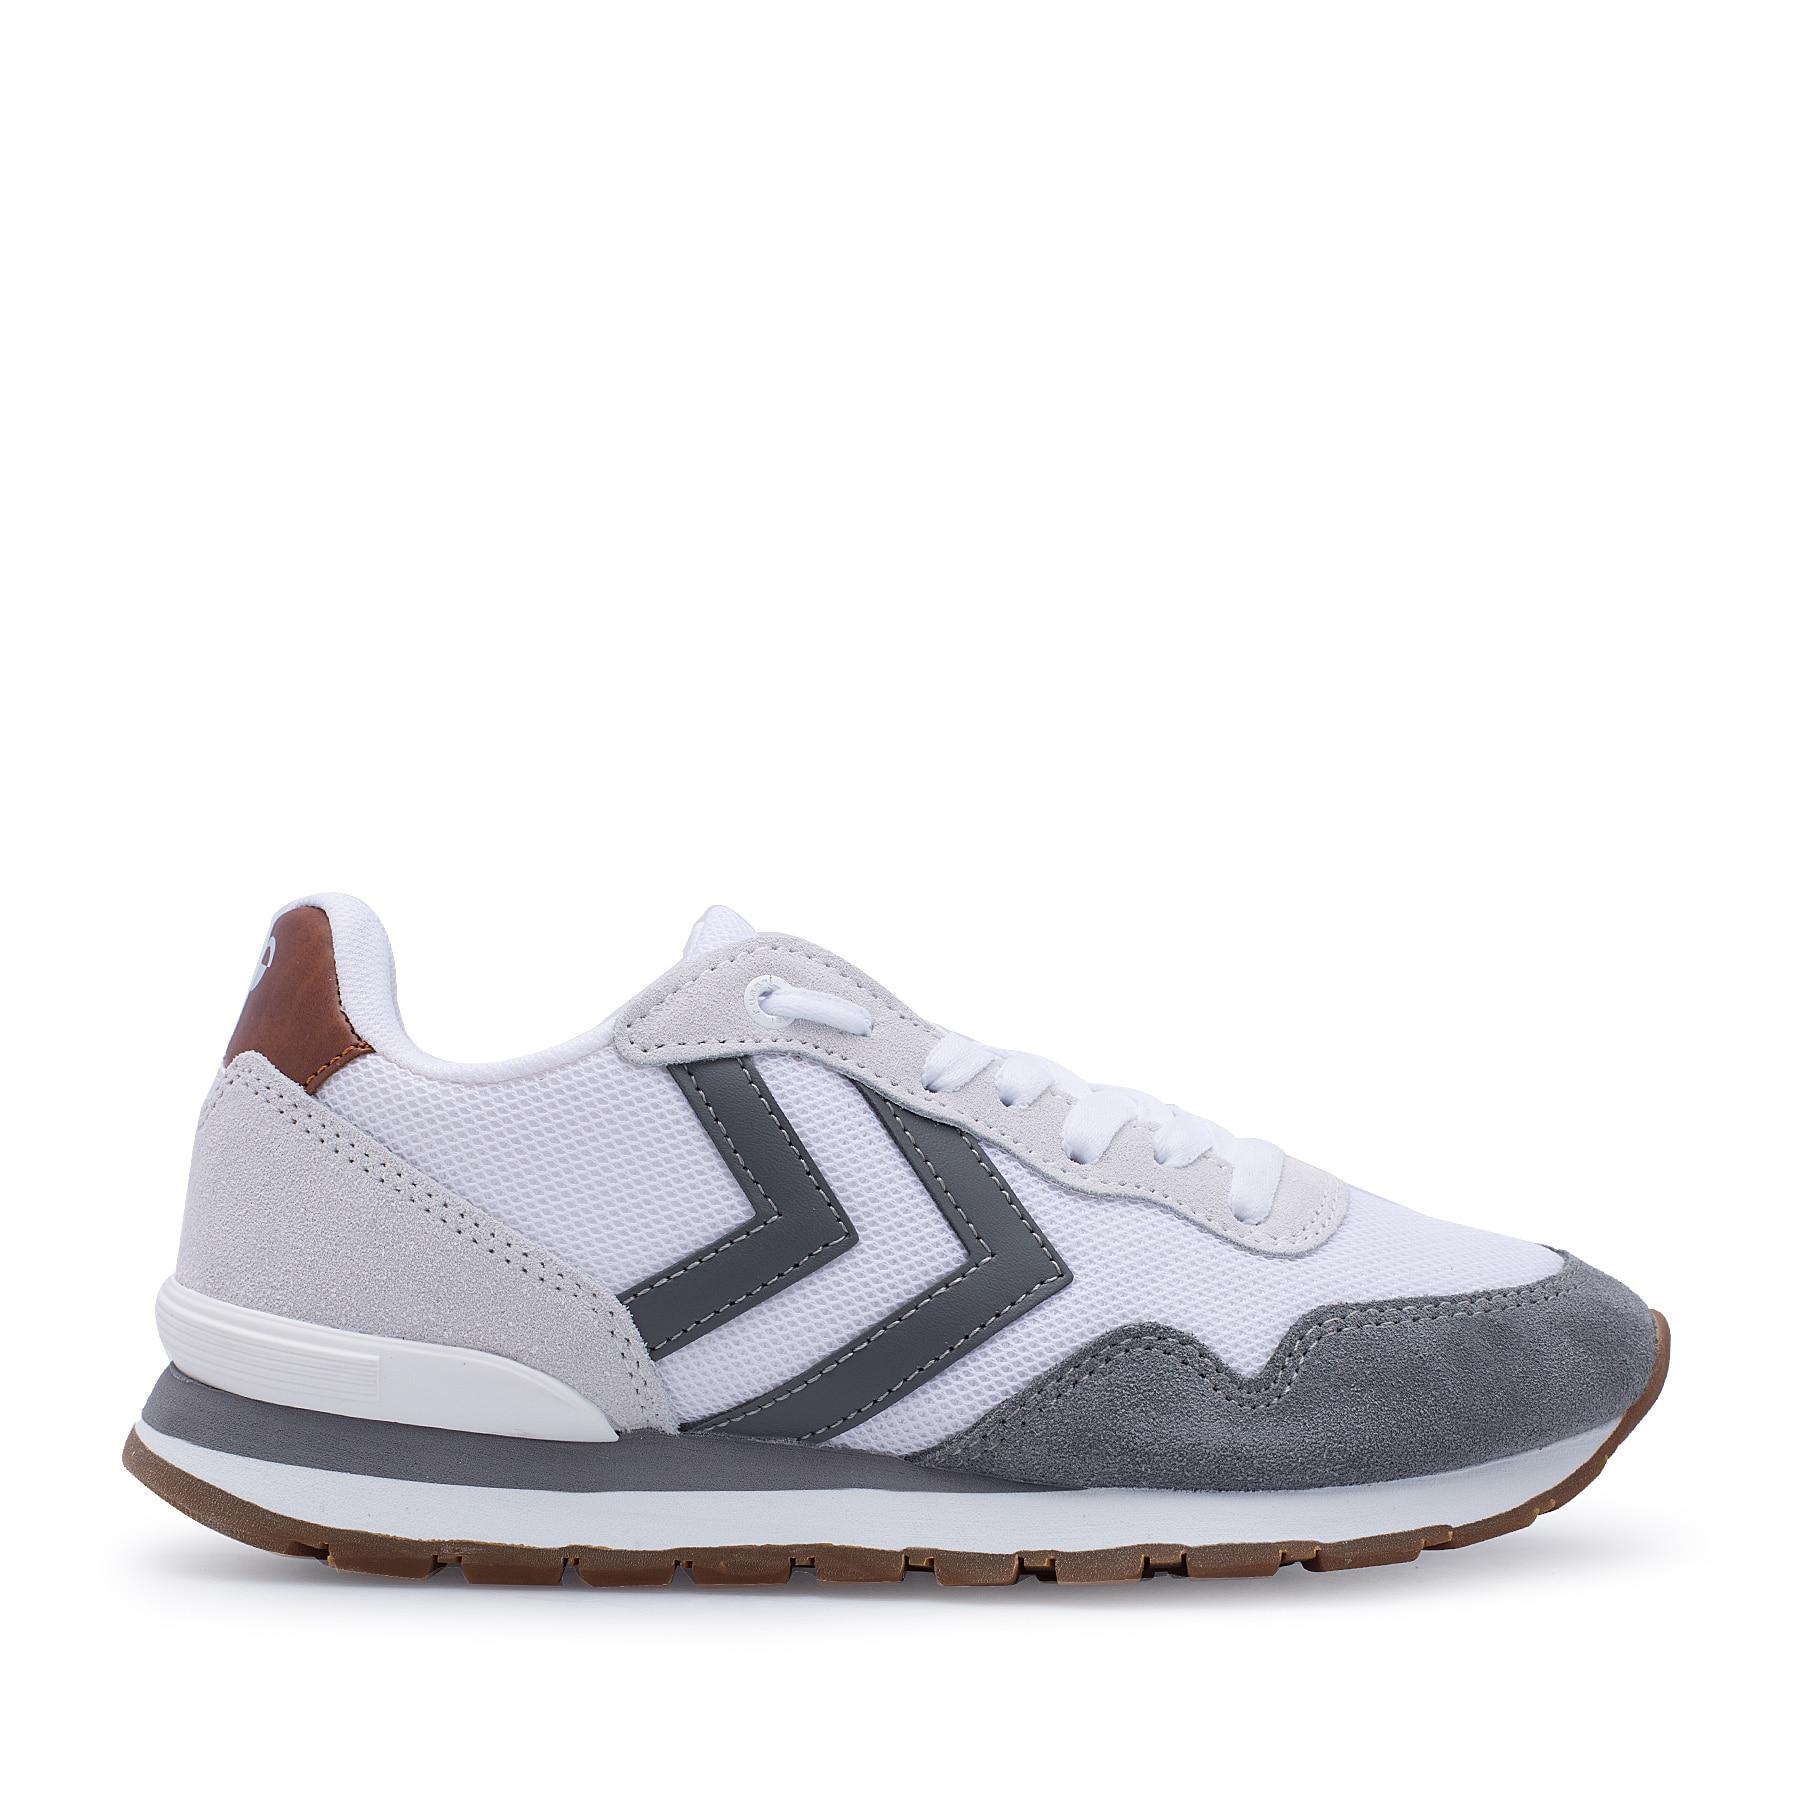 Hummel Shoes 0 SHOES 207906